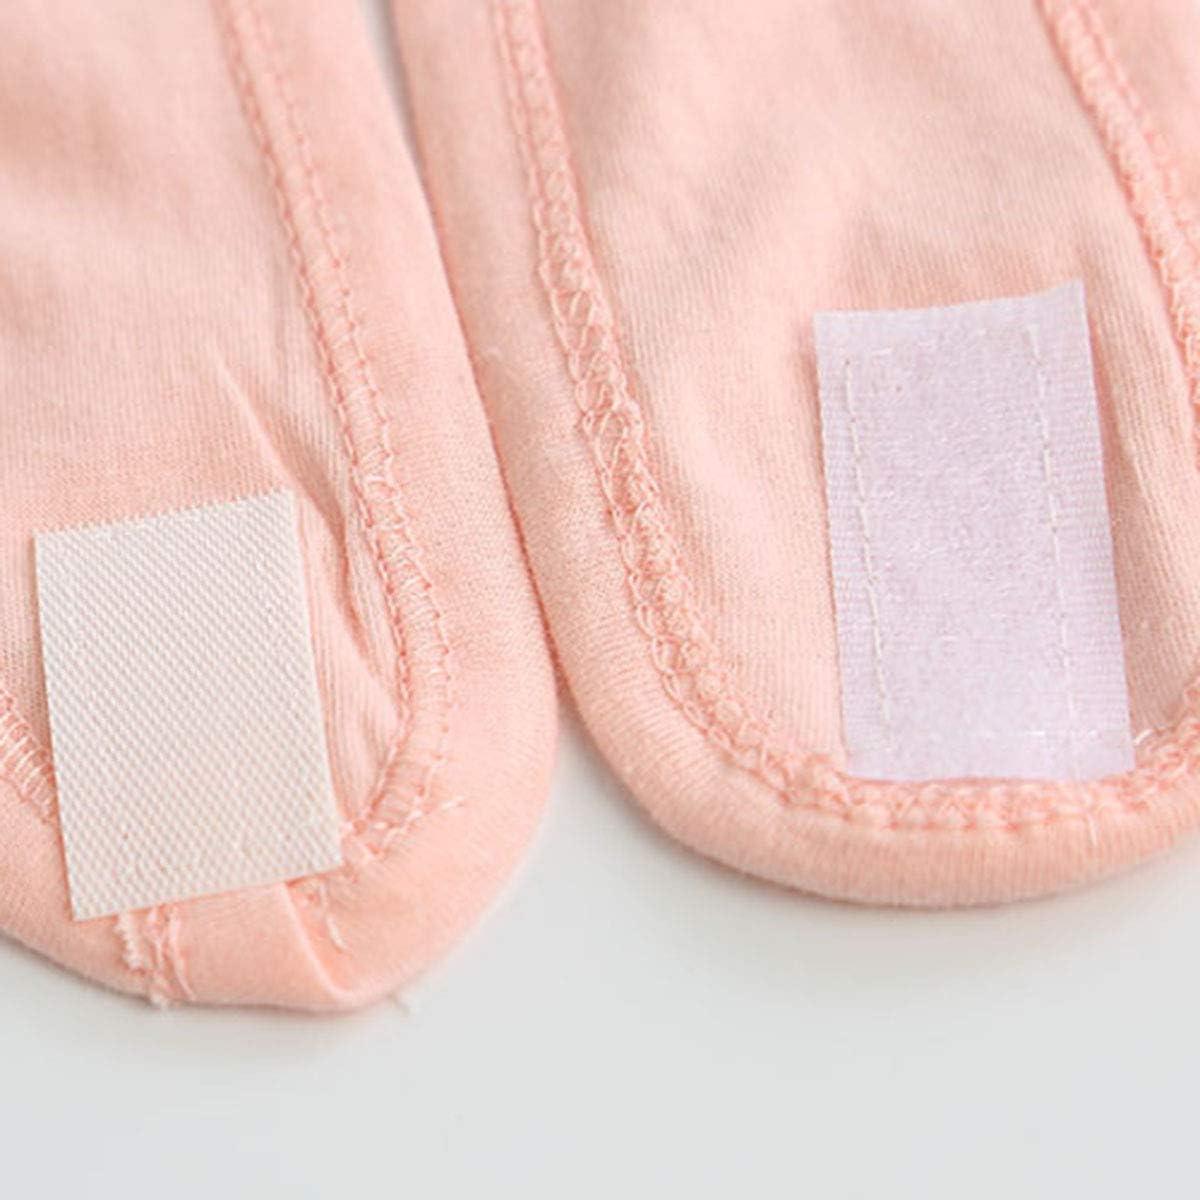 MHMTSY Bébé Sac De Couchage Automne Et Hiver Modèles Coton Épaississement Velcro Confortable Doux Convient pour 0-12 Mois Bébé Mignon Yellow